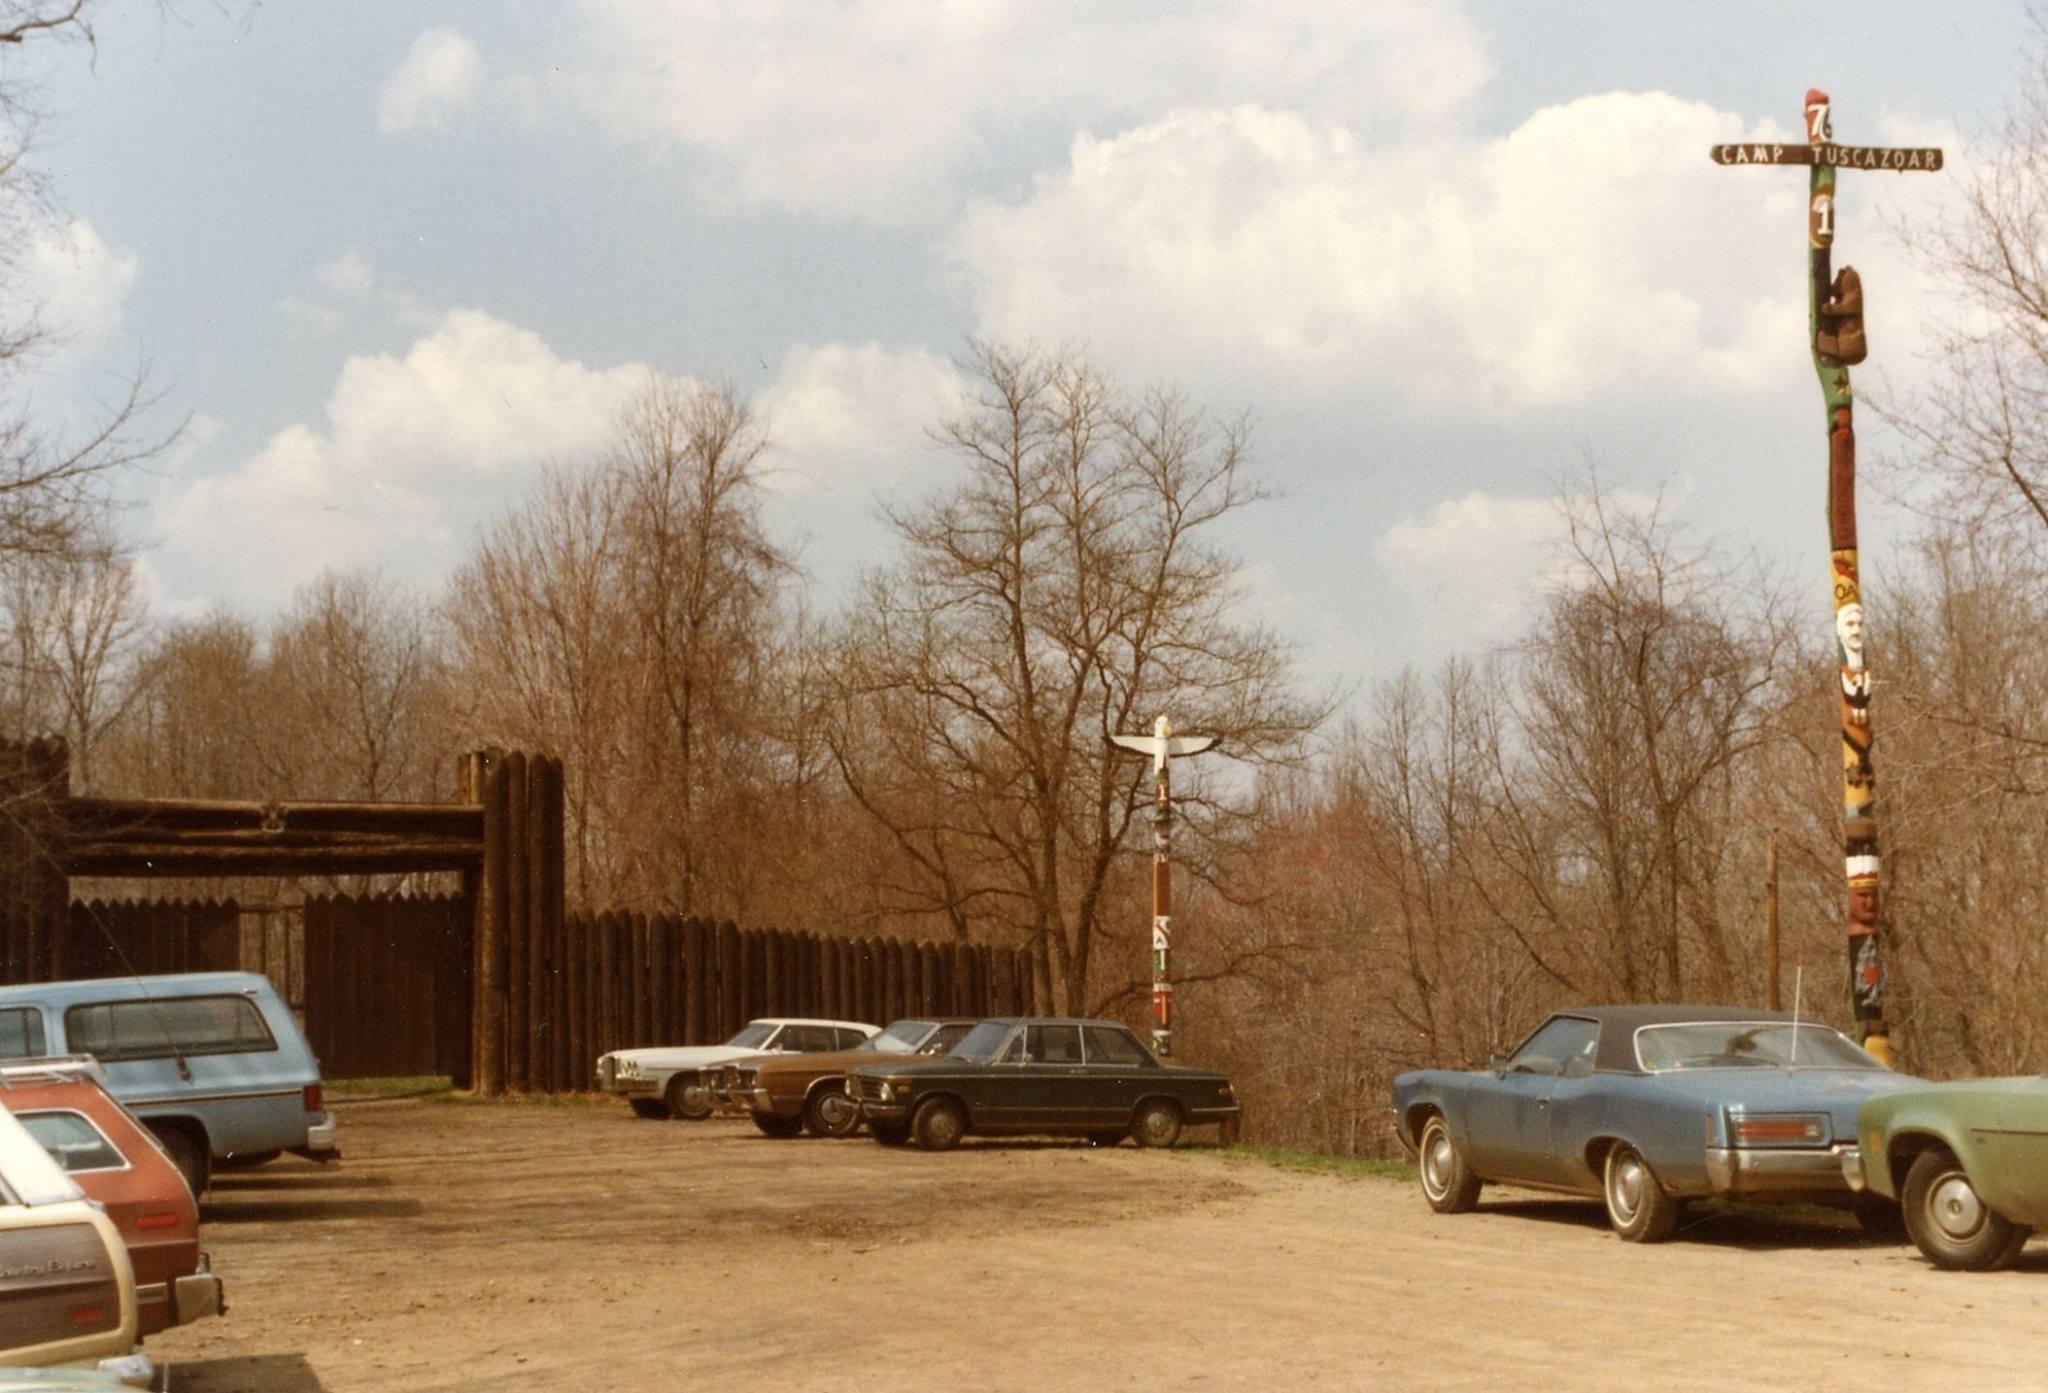 Parking lot in 1981